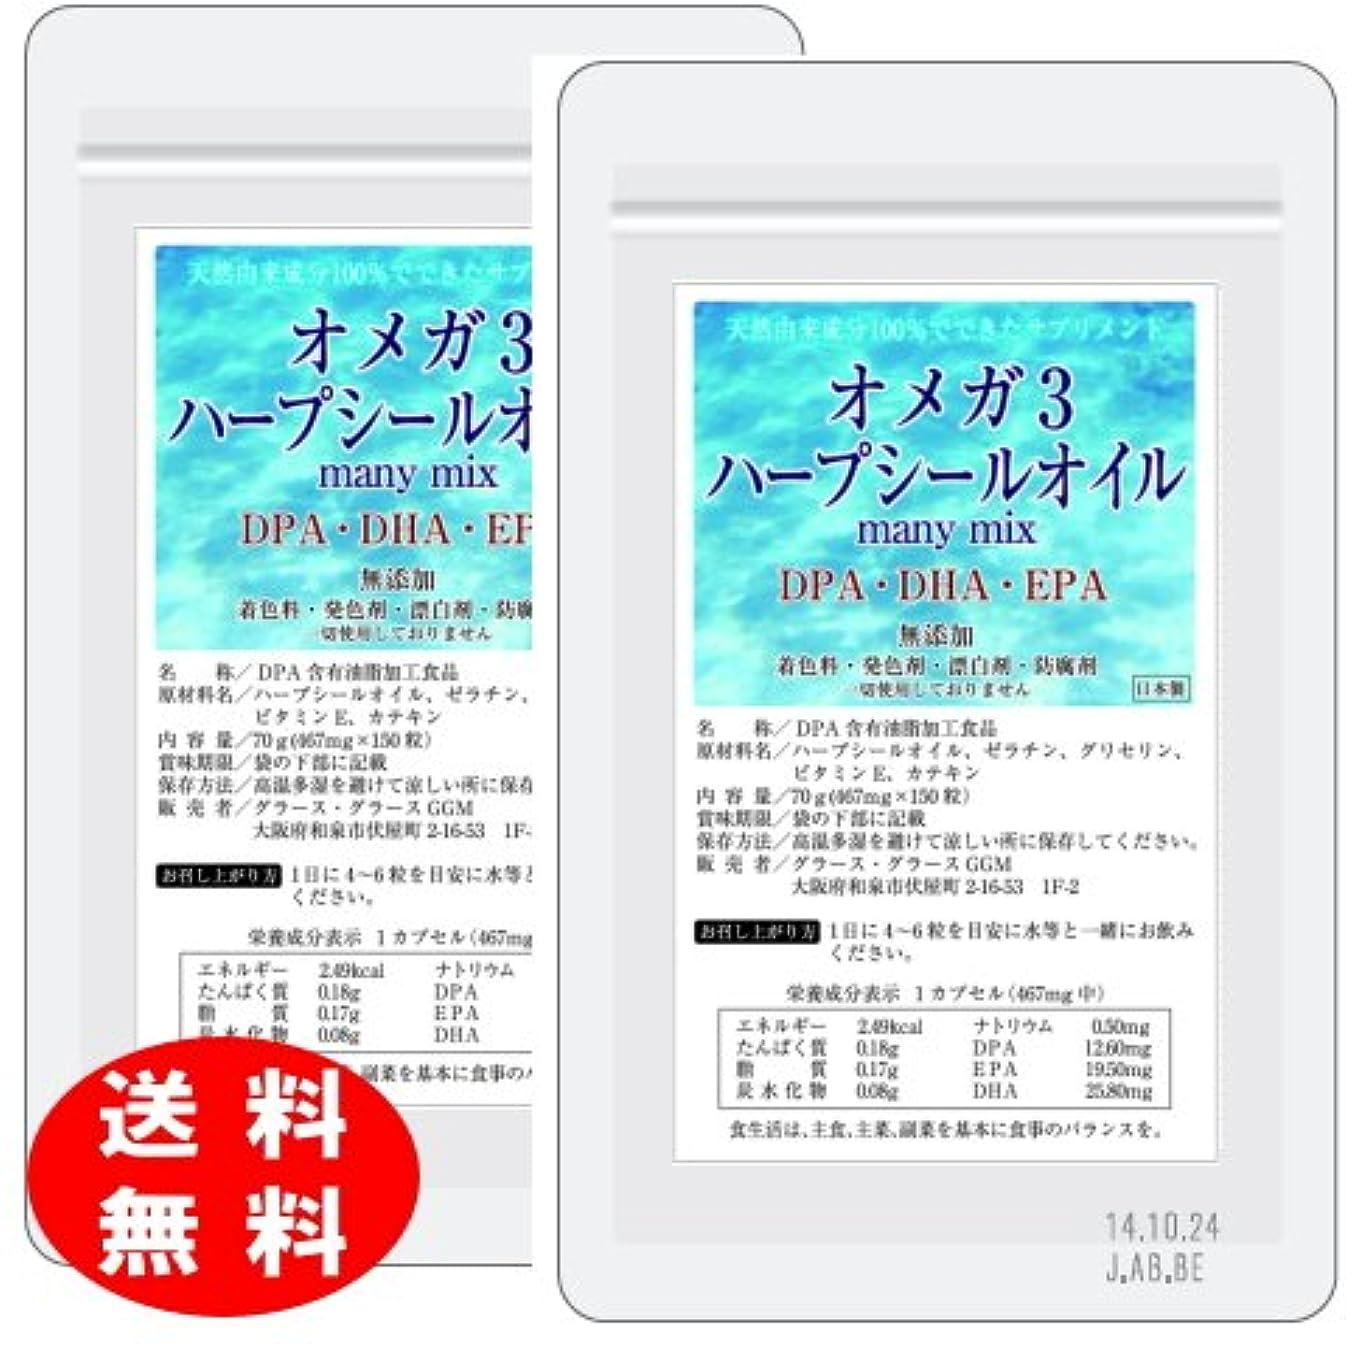 希少性頑丈砂オメガ3 ハープシールオイル(アザラシオイル) many mix 150粒 2袋セット